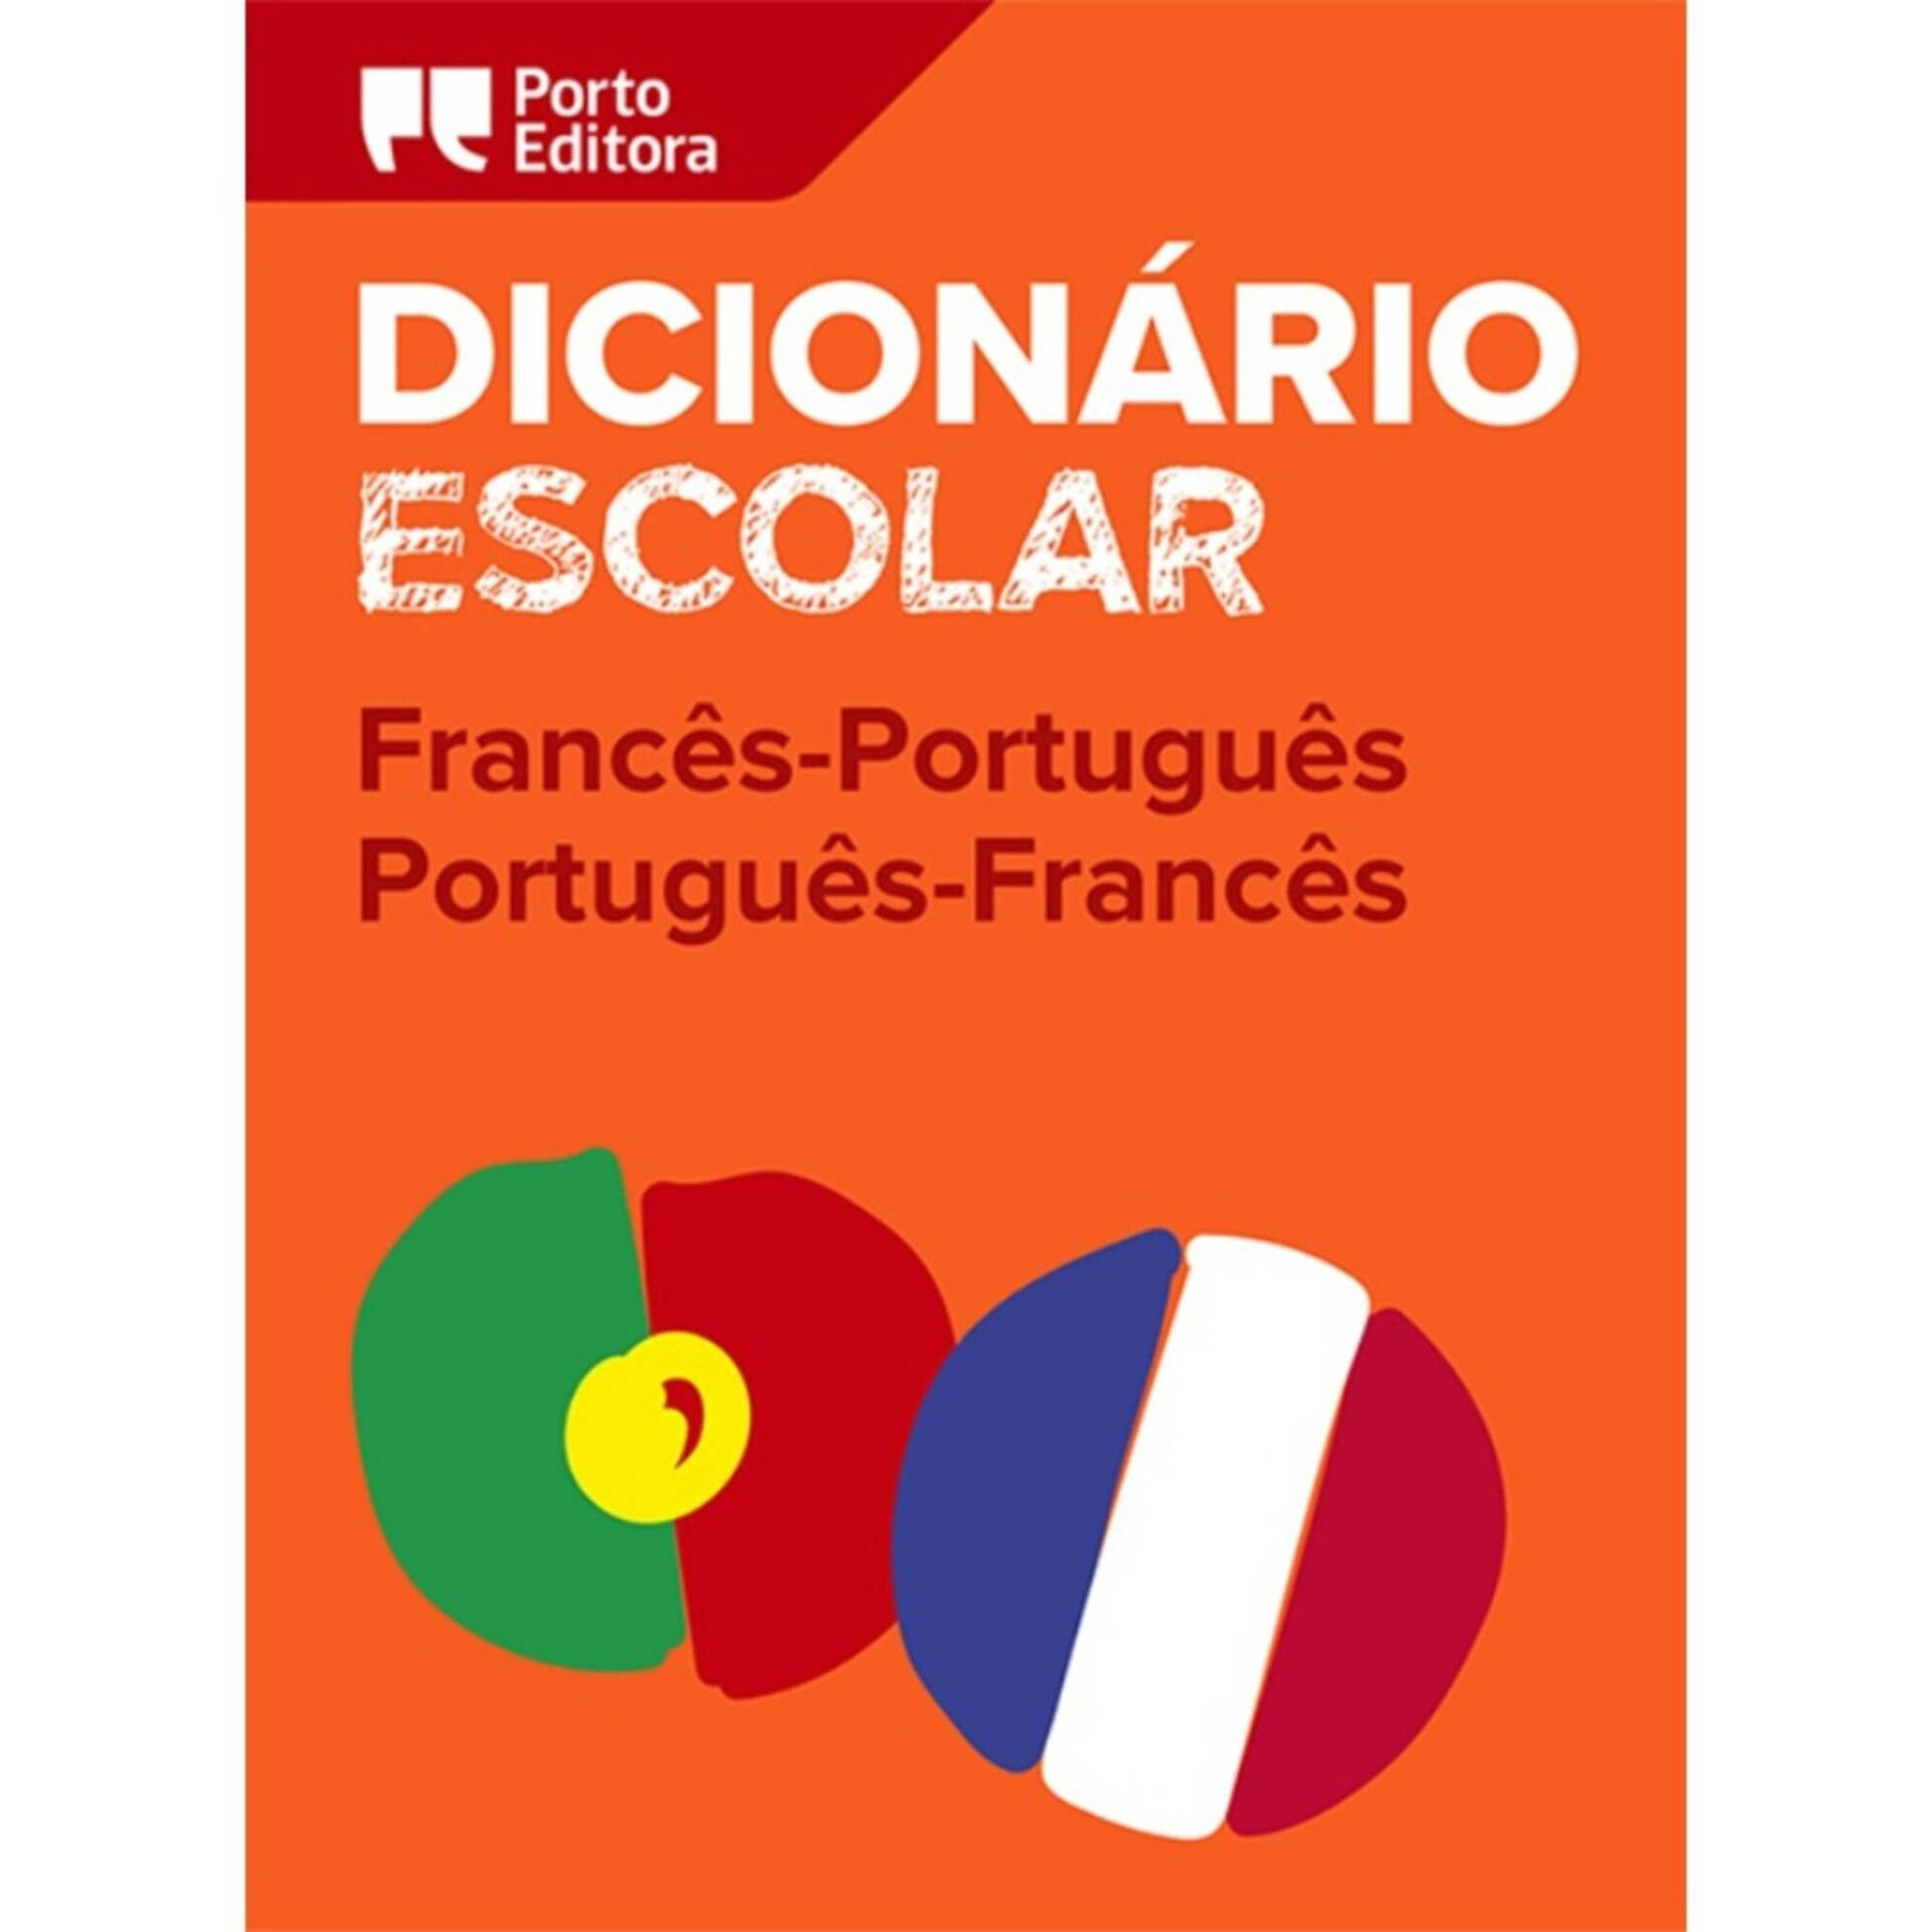 Dicionário Escolar Português-Francês/Francês-Português